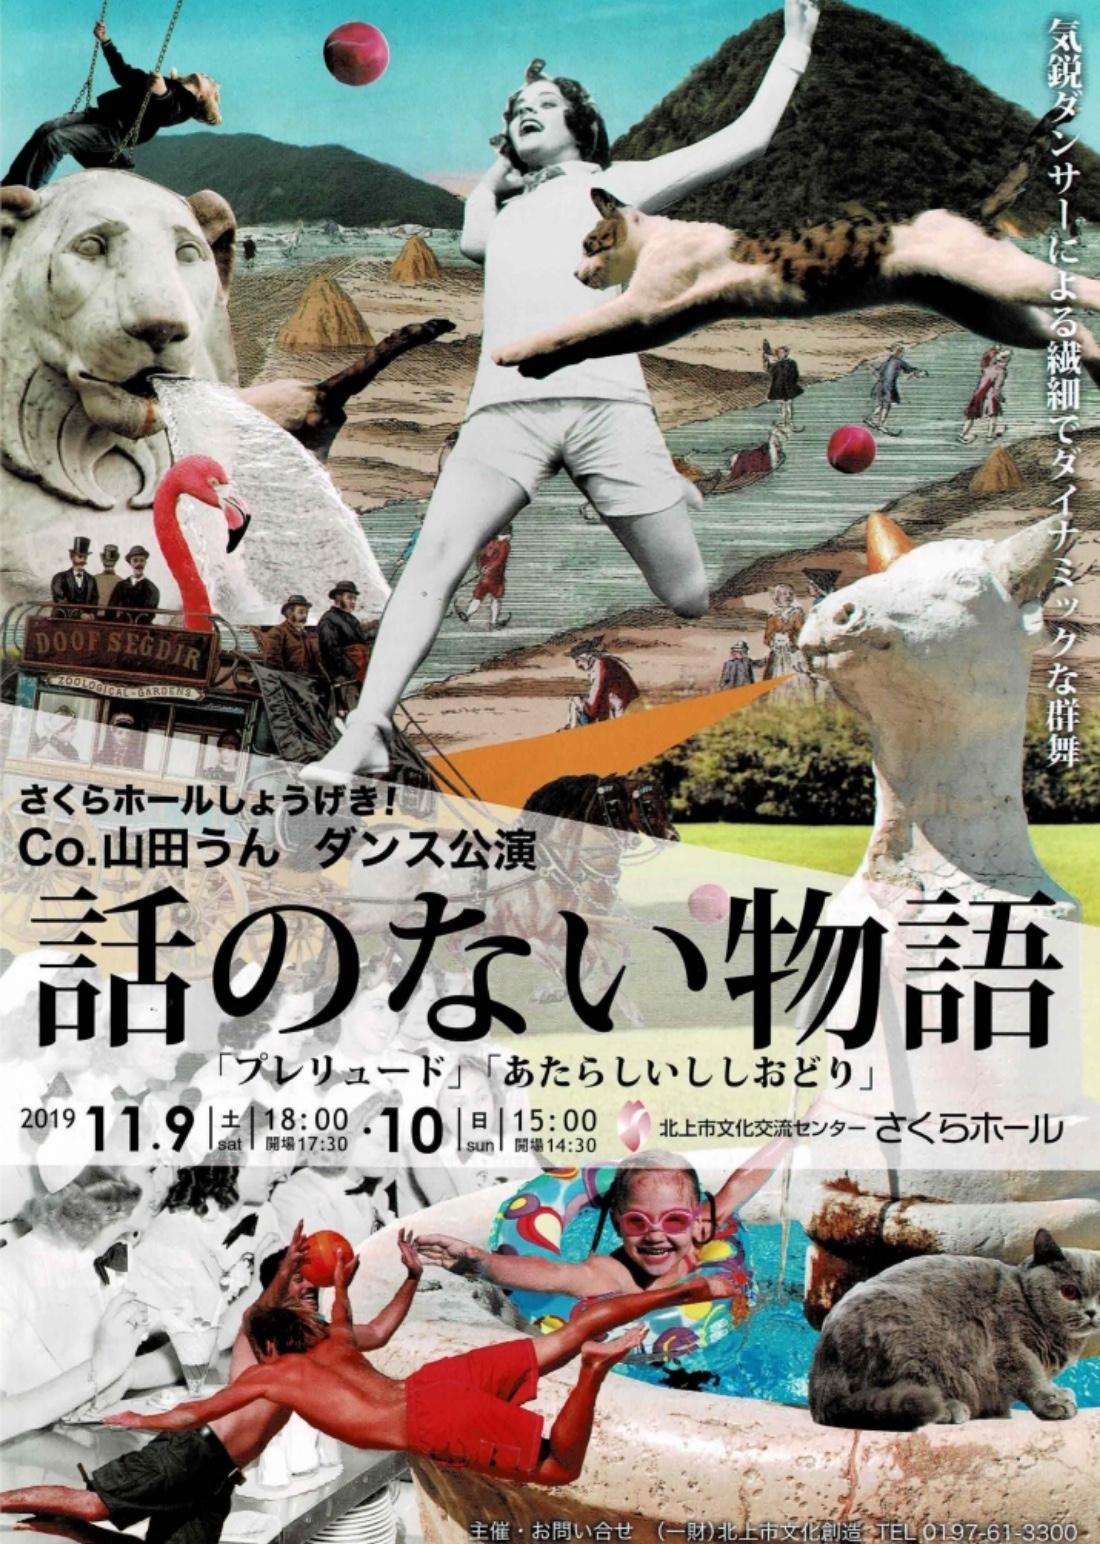 さくらホールしょうげき!Co.山田うん ダンス公演「話のない物語」